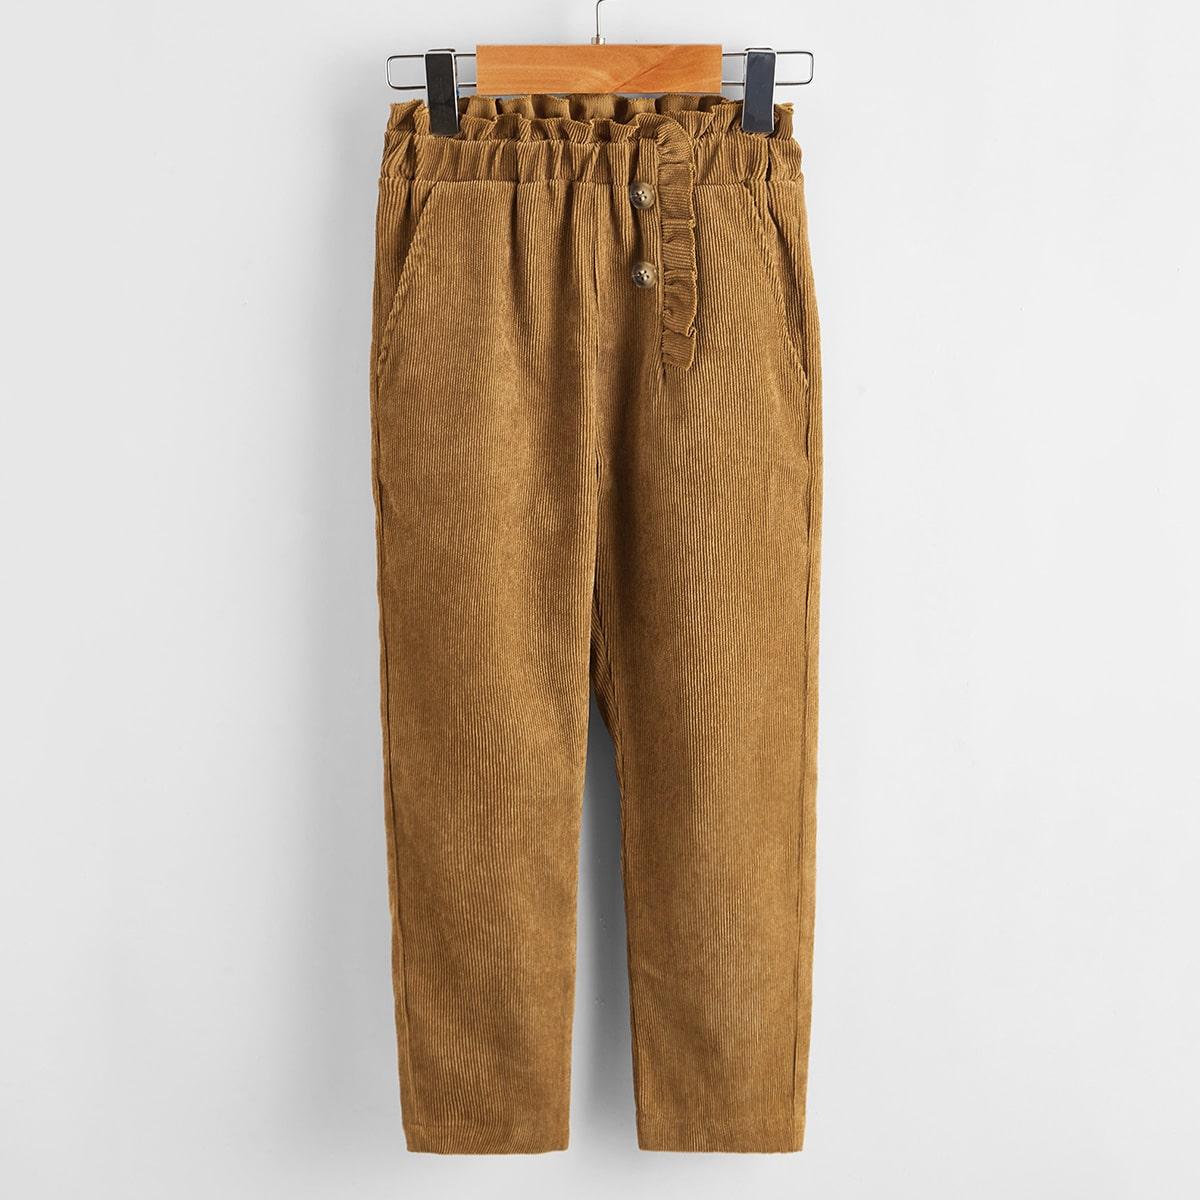 Пугавица одноцветный повседневный брюки для маленьких девочек